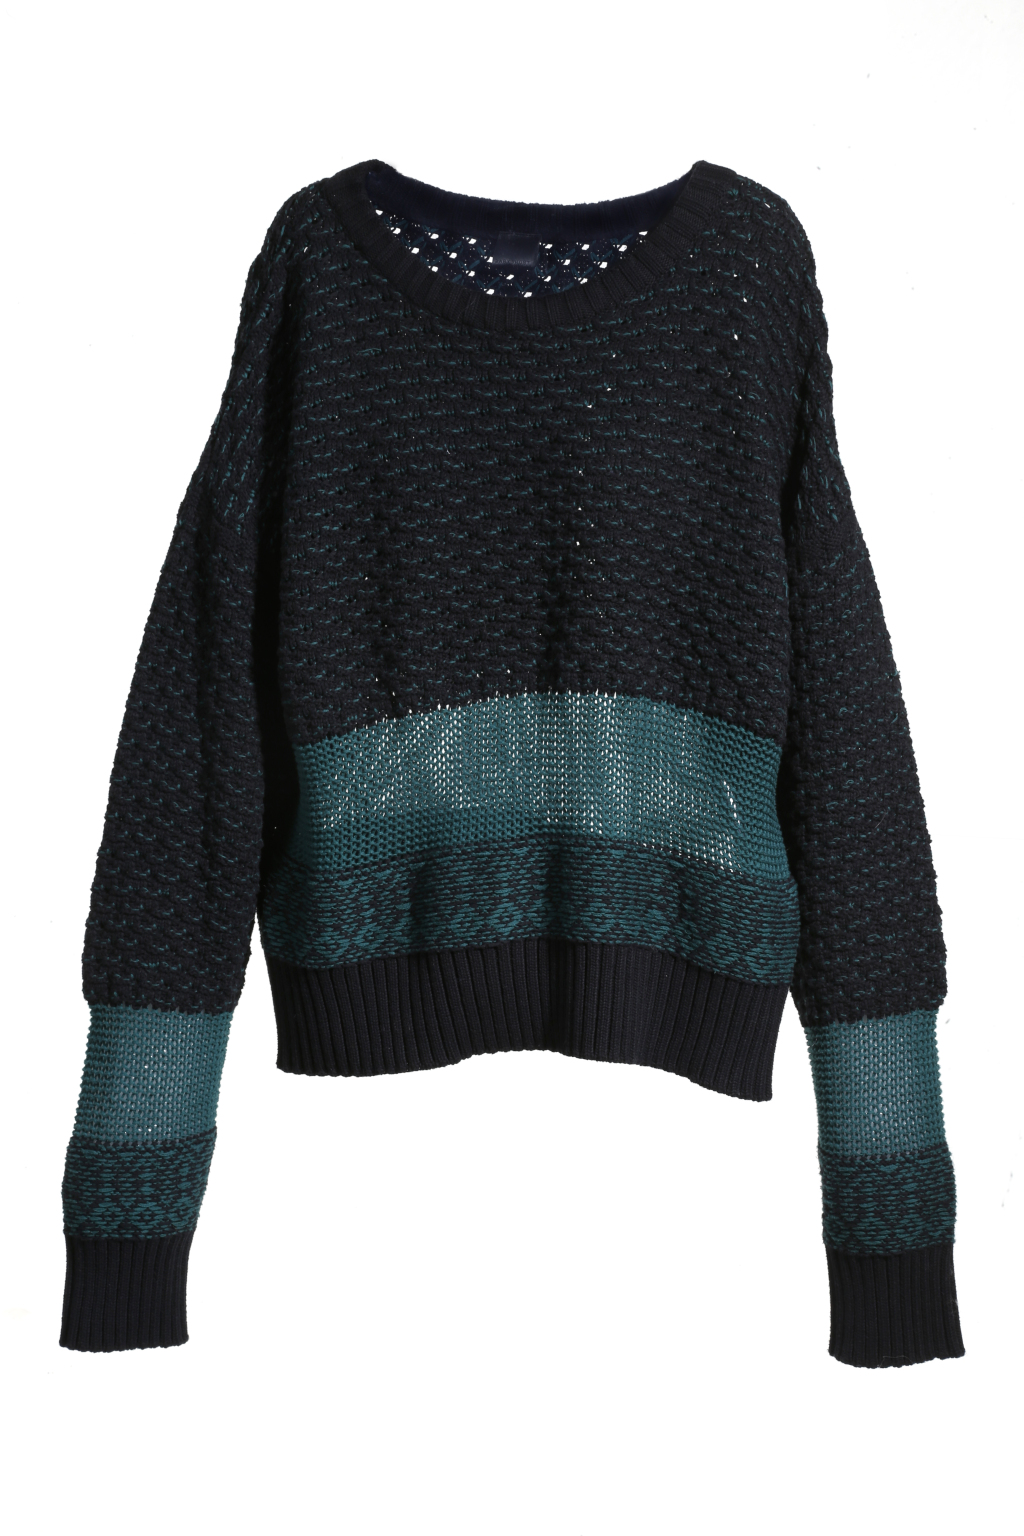 Модный свитер тренд сезона из коллекции Babyghost..